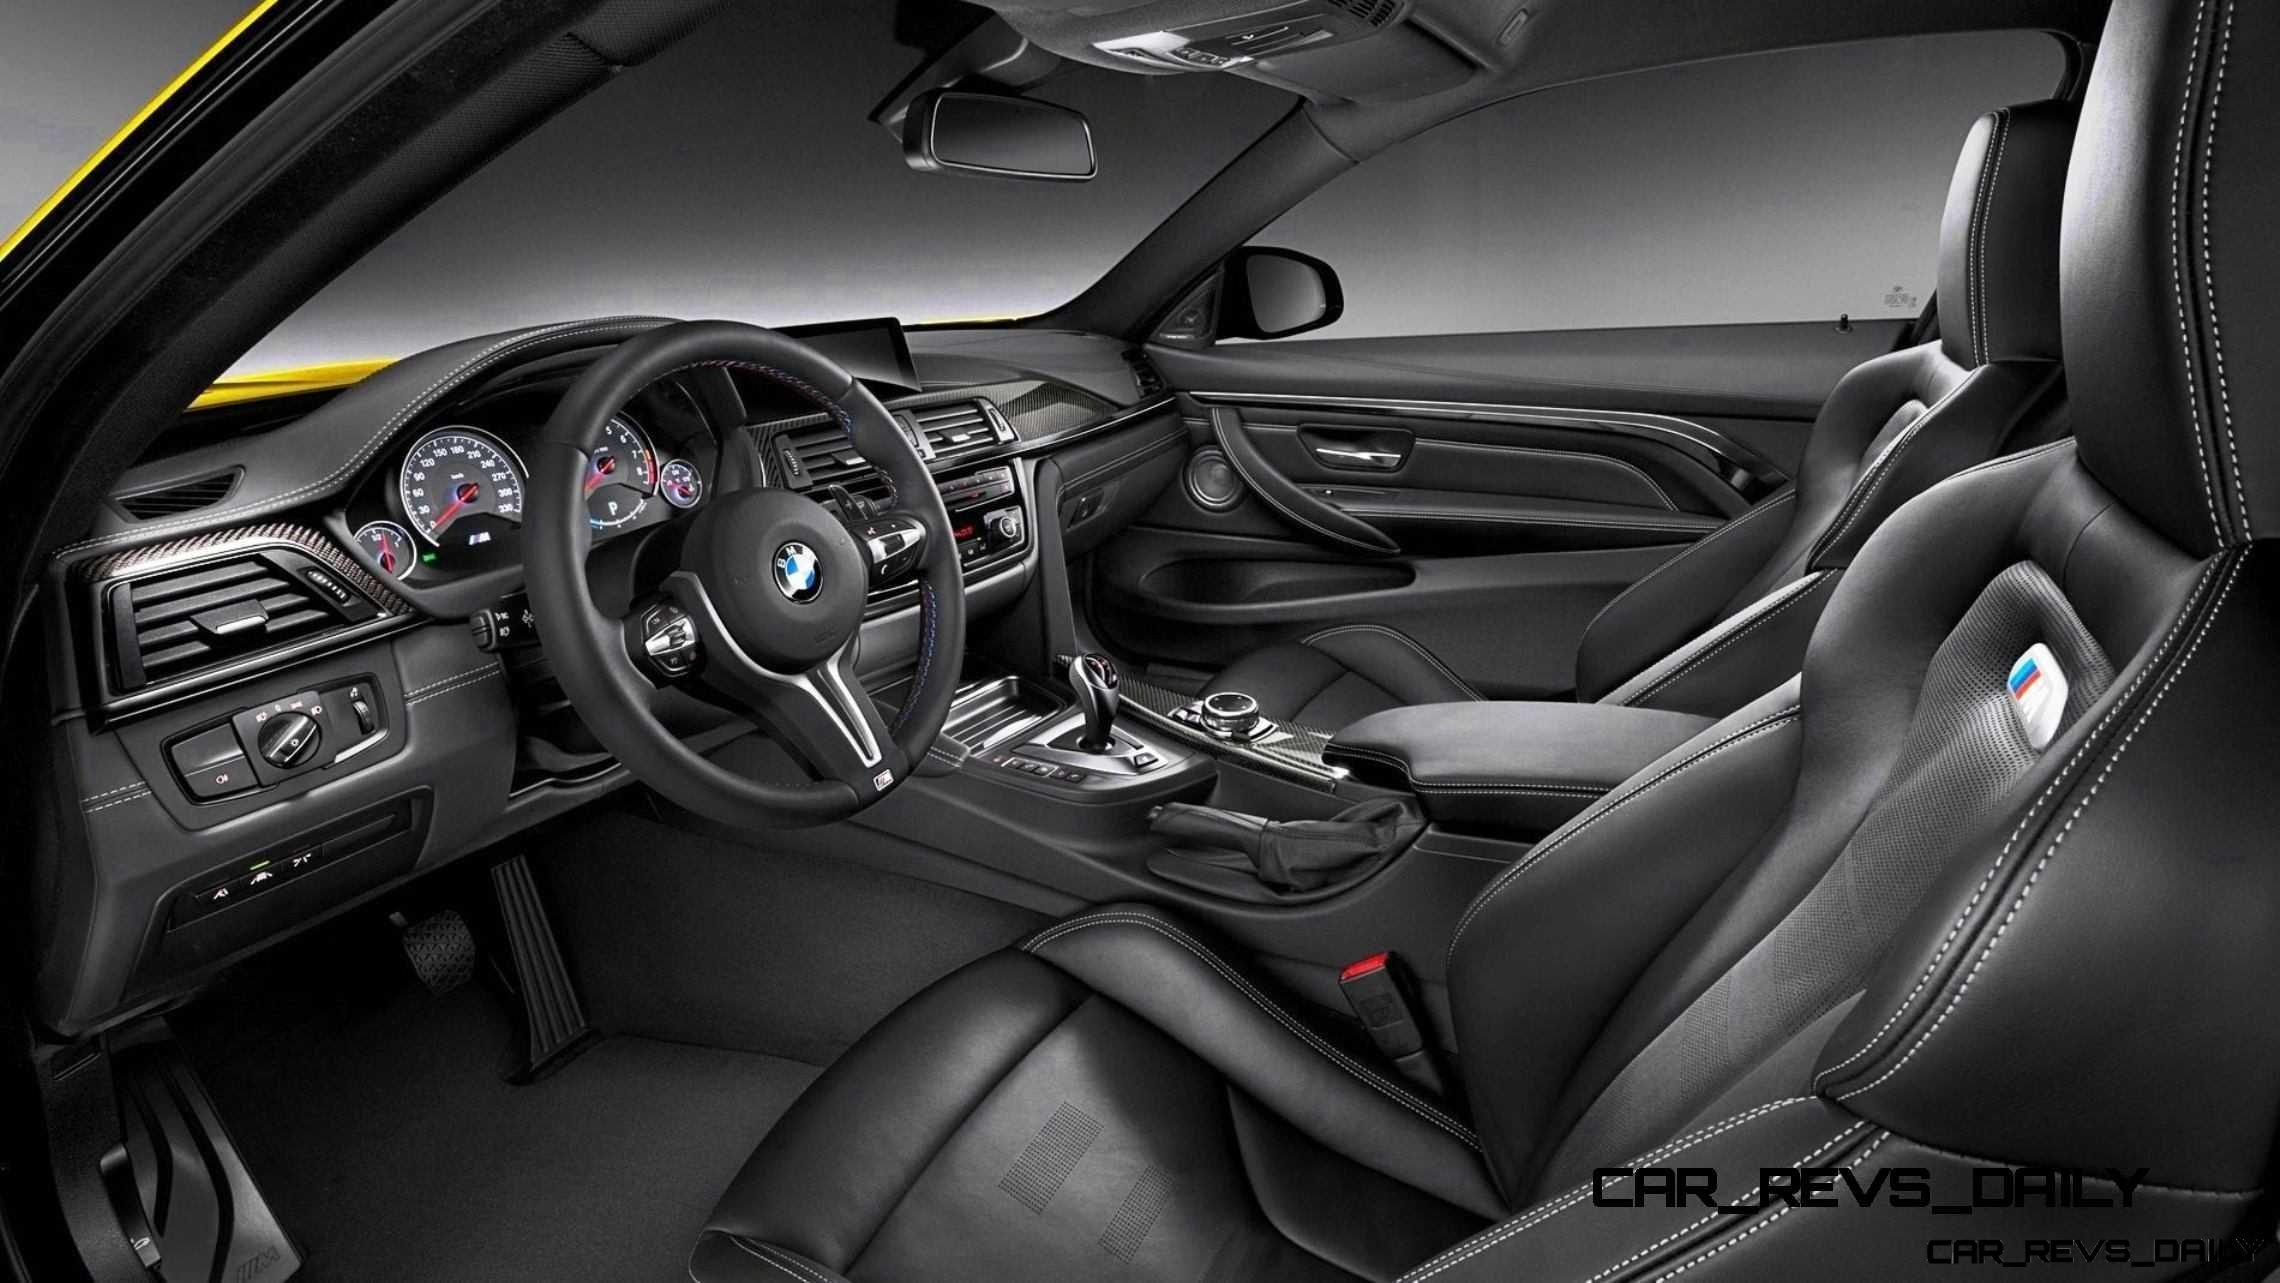 186mph 2014 BMW M4 Screams into Focus 42